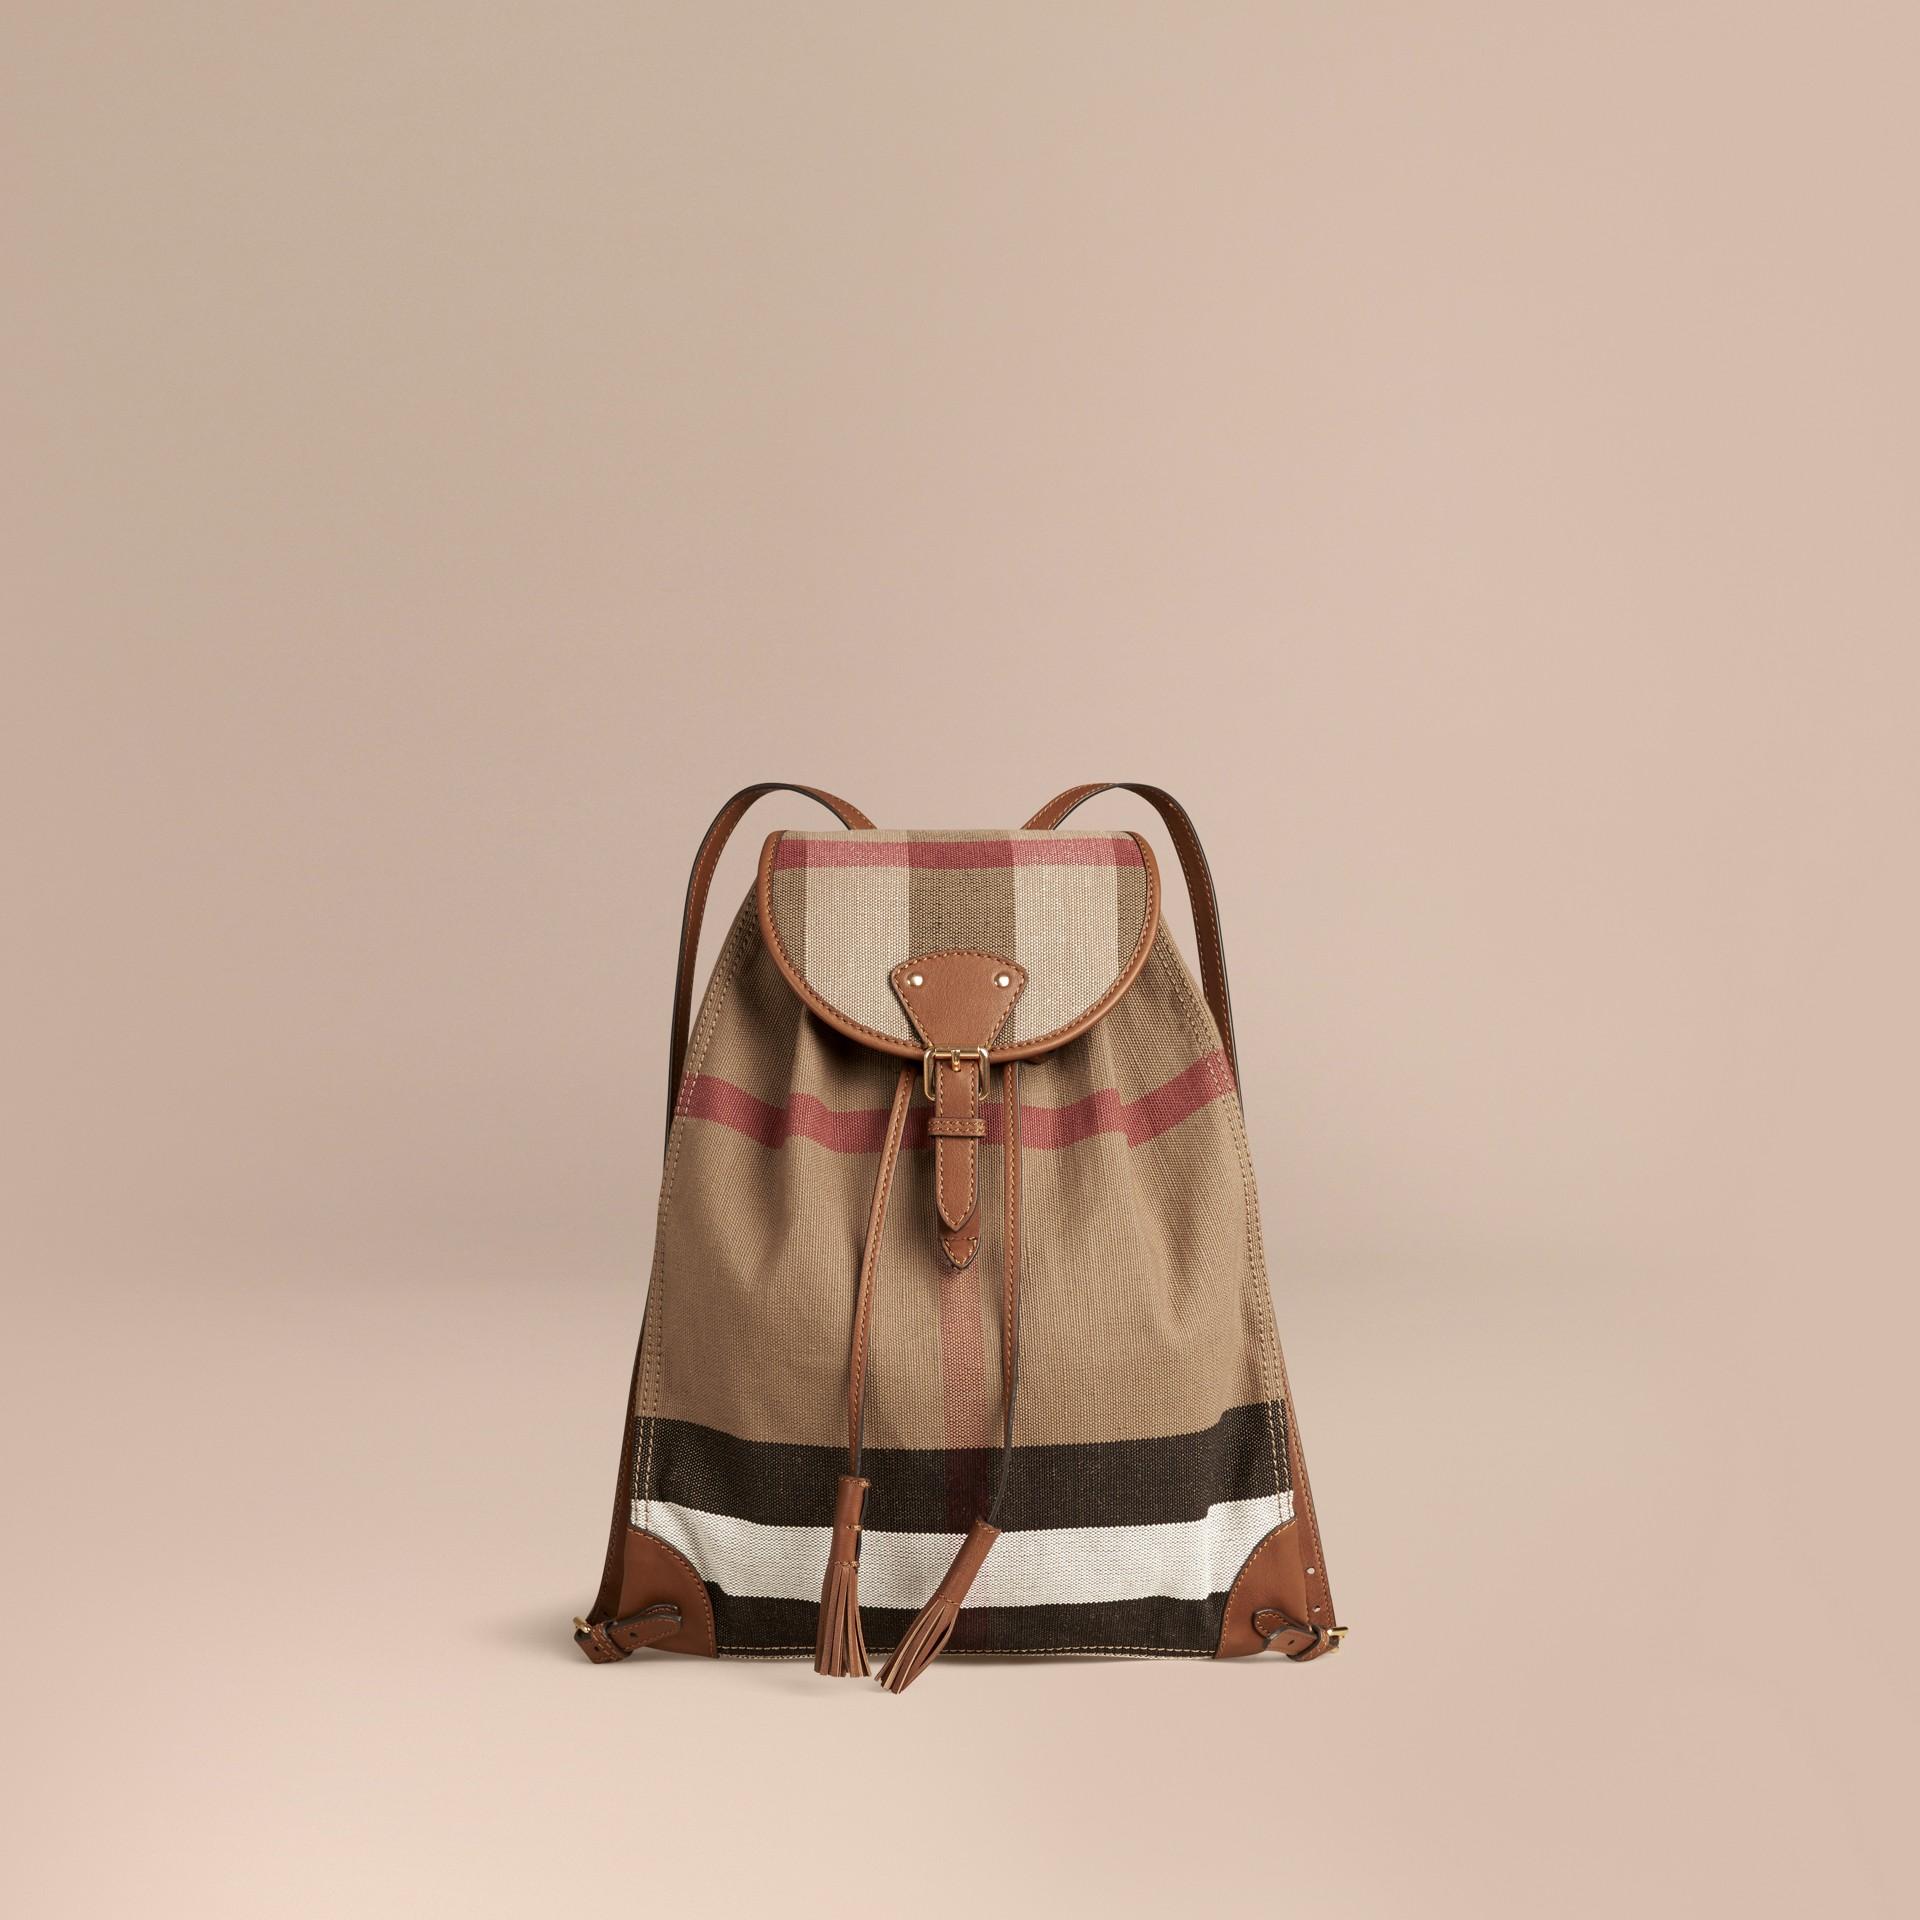 Hâle Sac à dos en tissu Canvas Check avec éléments en cuir Hâle - photo de la galerie 1